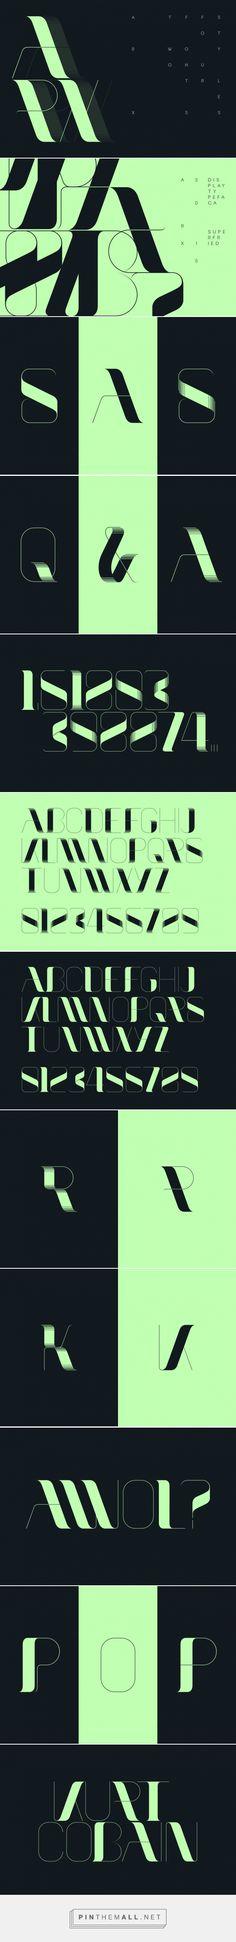 Arx - Desktop Font & WebFont - YouWorkForThem - Posted bySuperfried